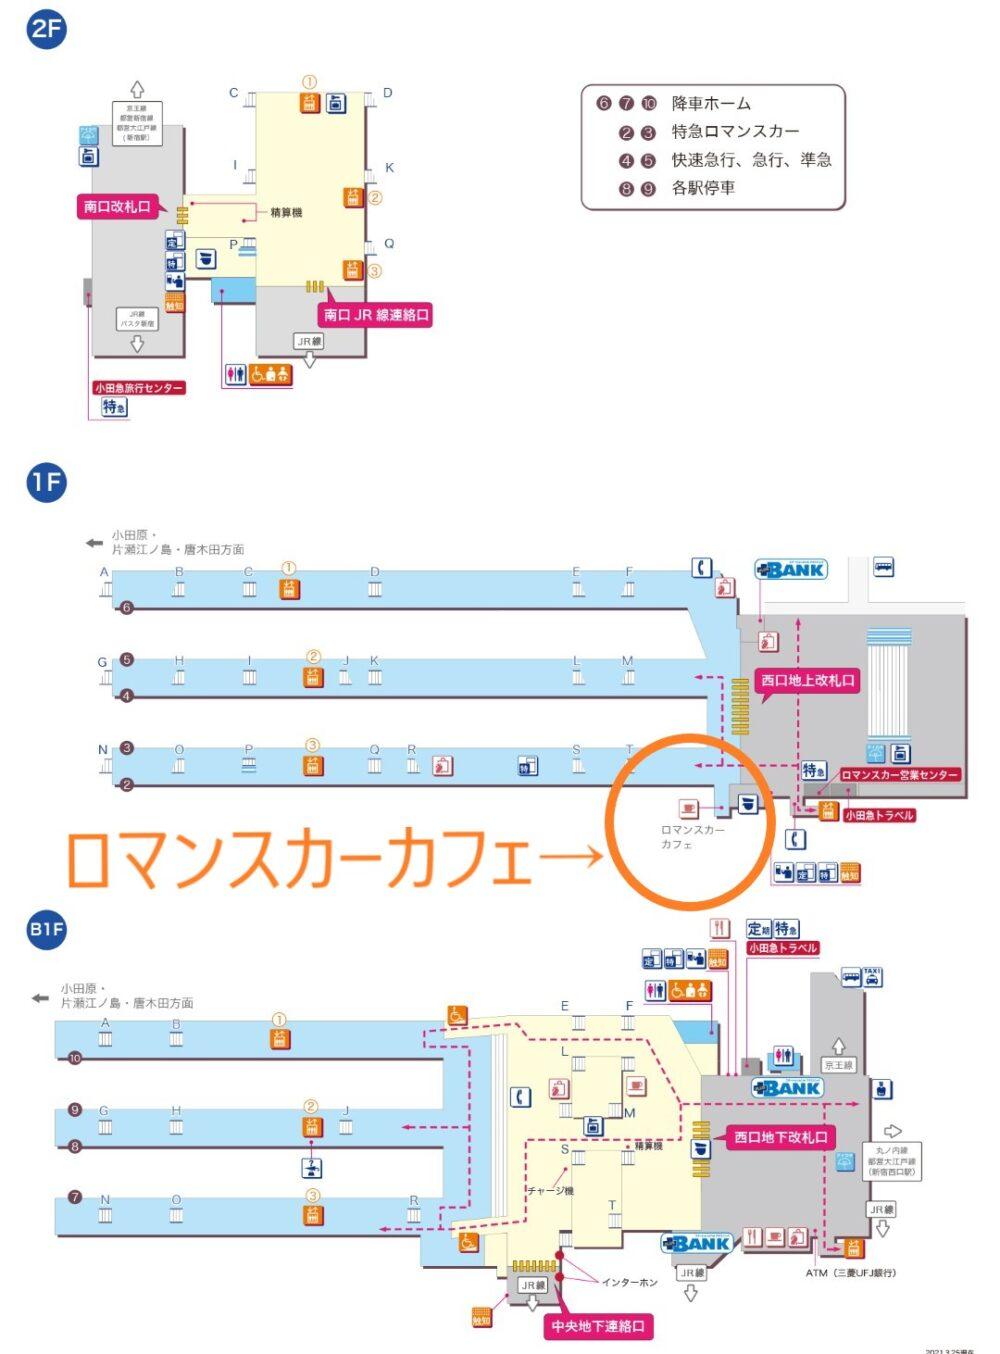 ロマンスカーカフェ|小田急線の新宿駅構内図